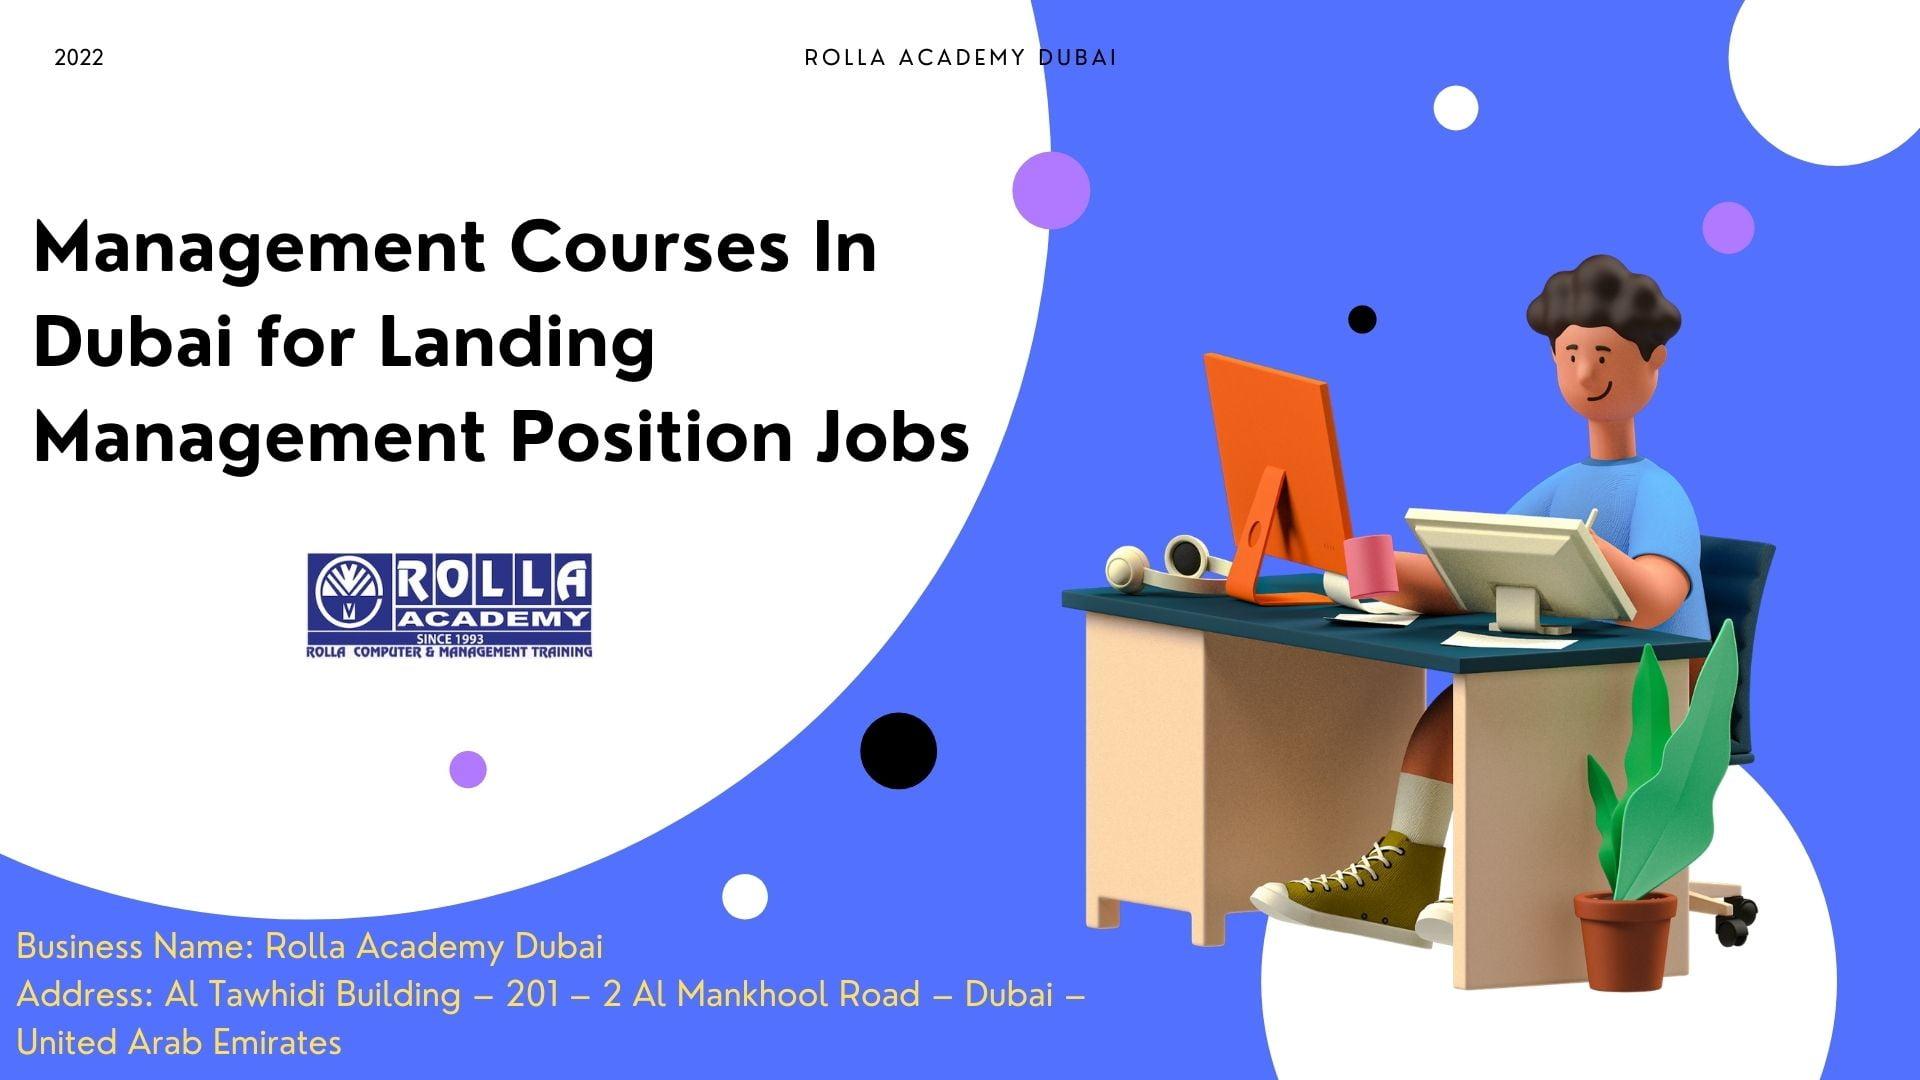 Management Courses In Dubai for Landing Management Position Jobs